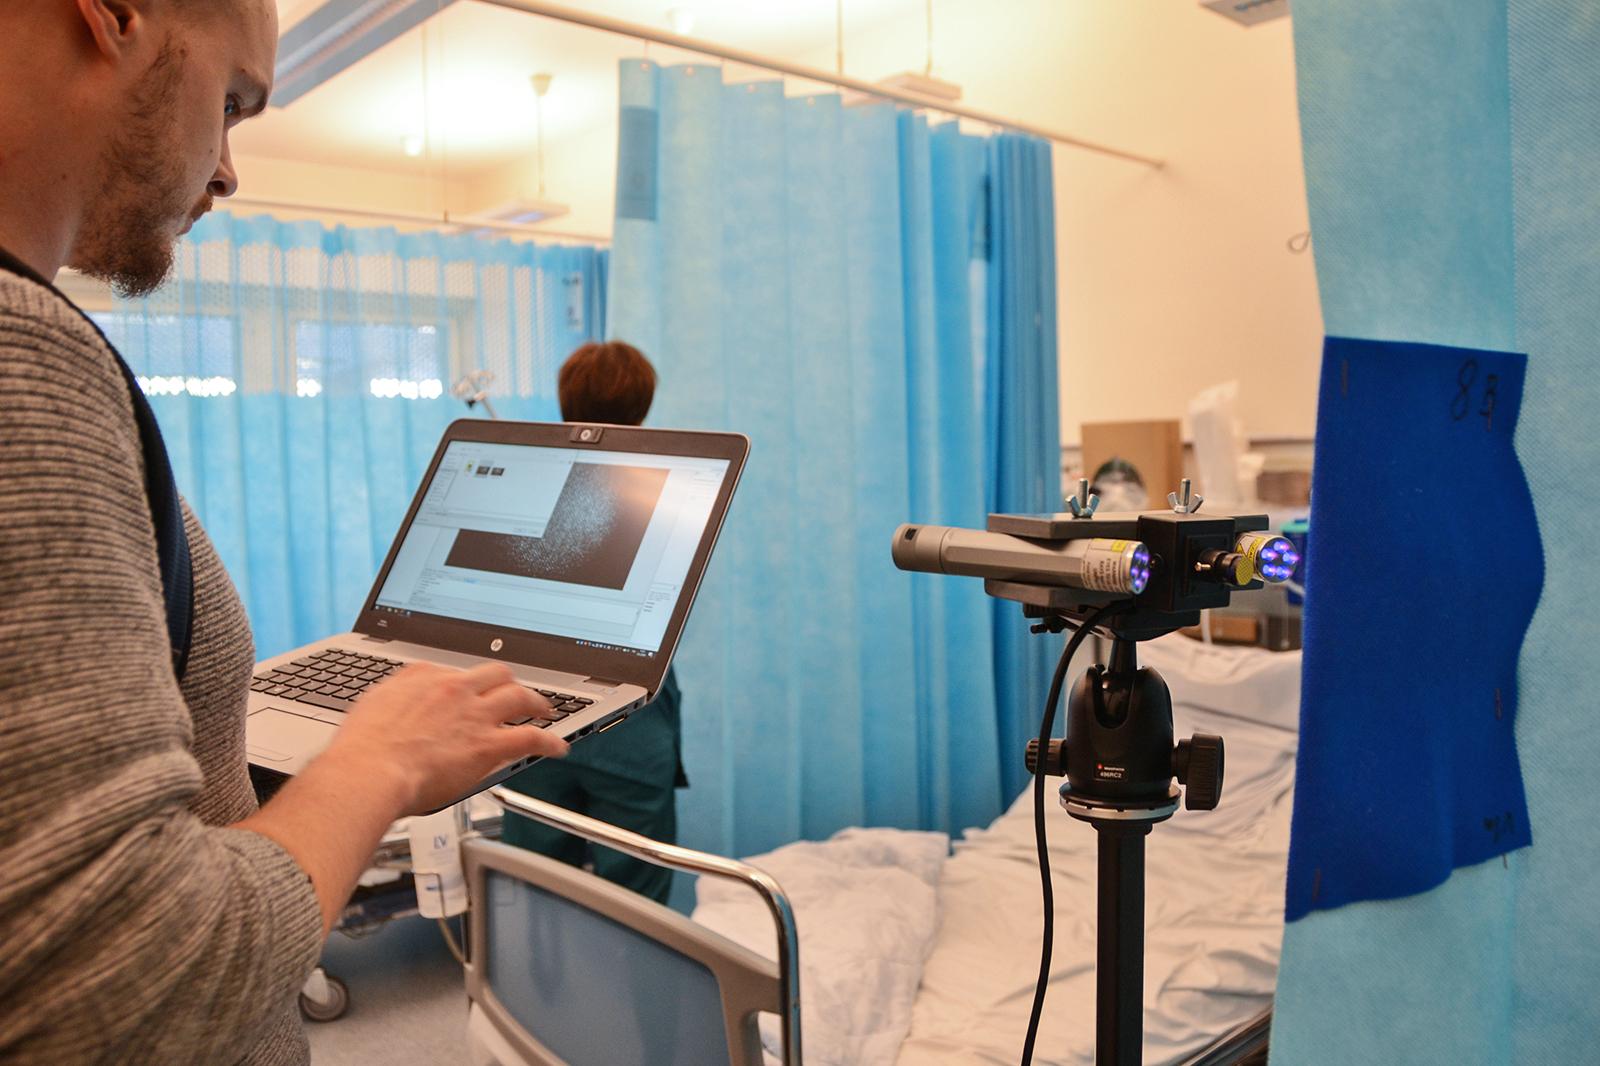 Sairaalaverhojen antimikrobinen testi. Kuva: Juho Jäppinen